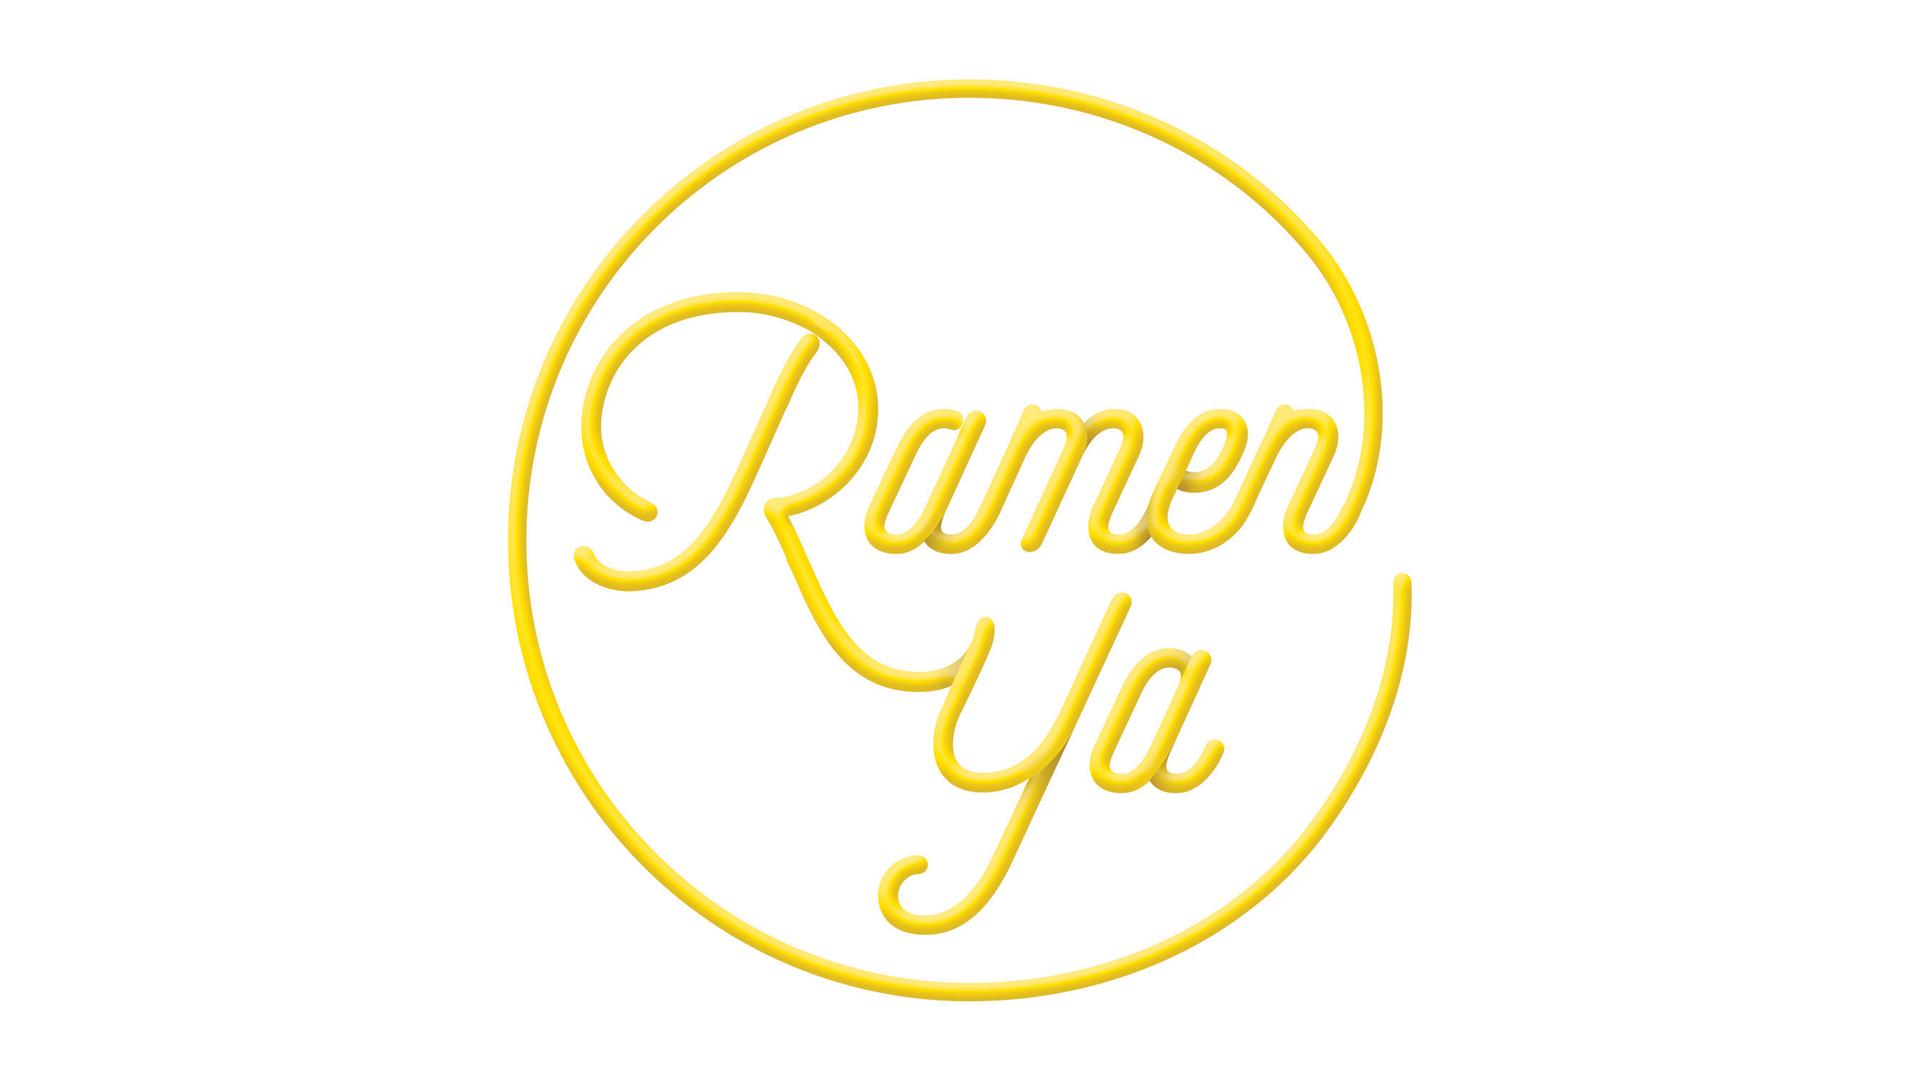 Ramen-ya-v3.jpg